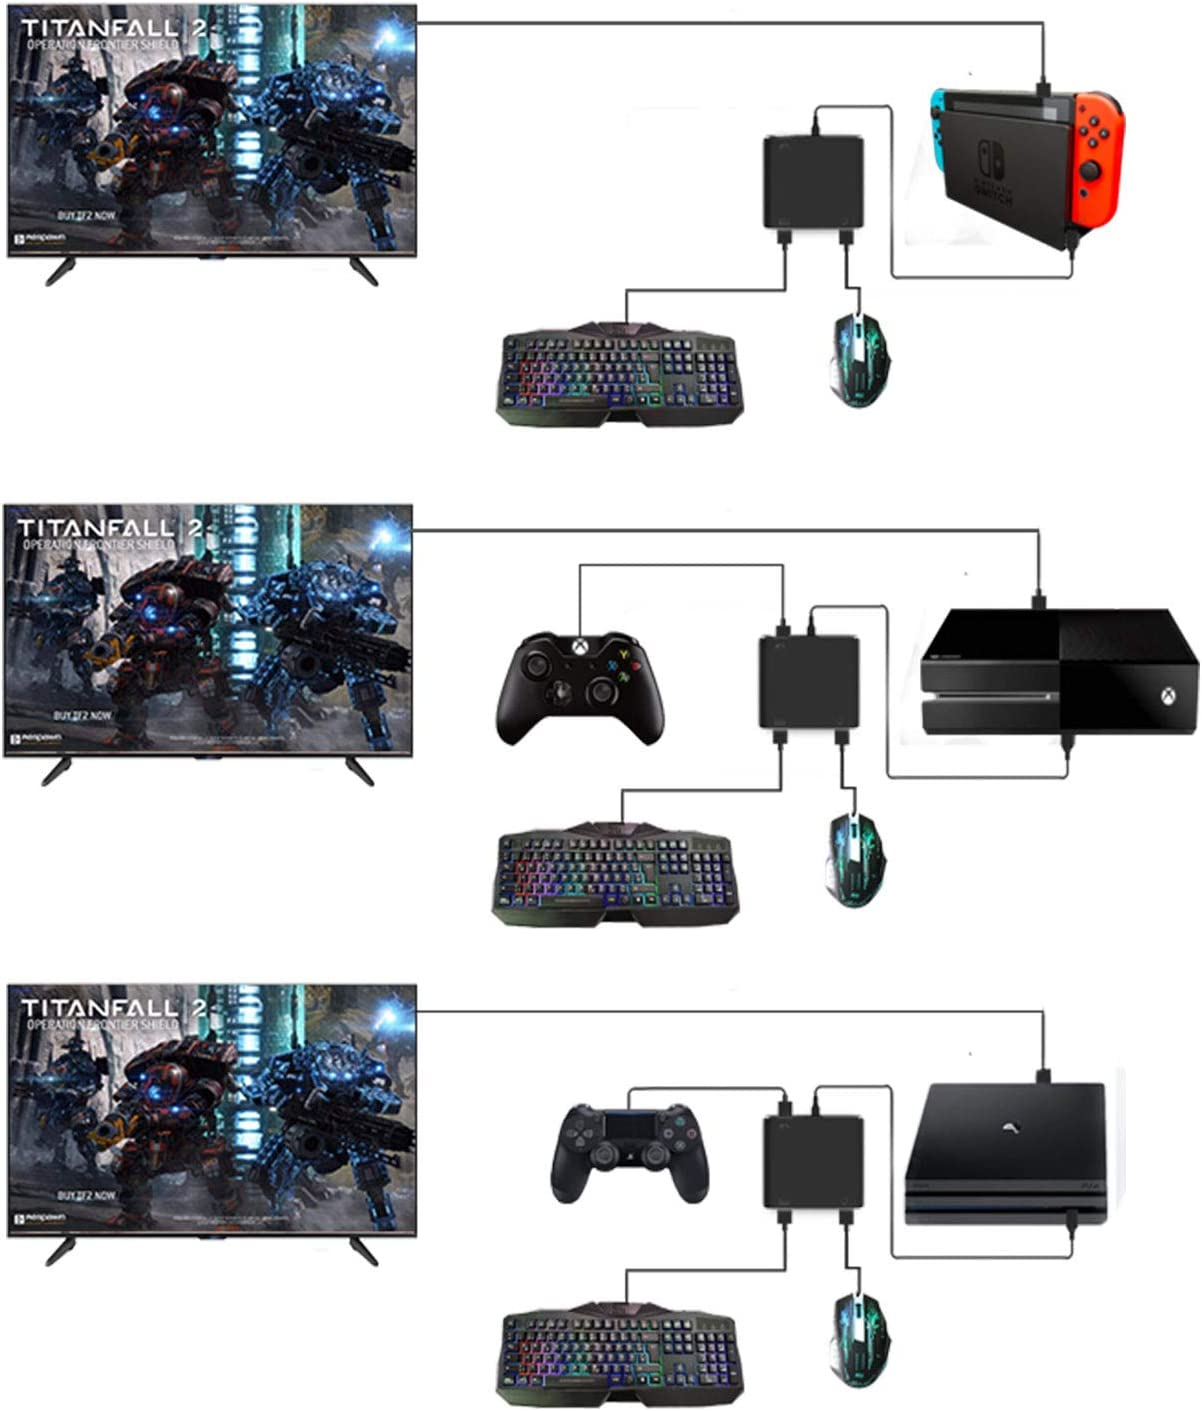 Adaptador De Teclado Y Mouse Para Ps4, Xbox One